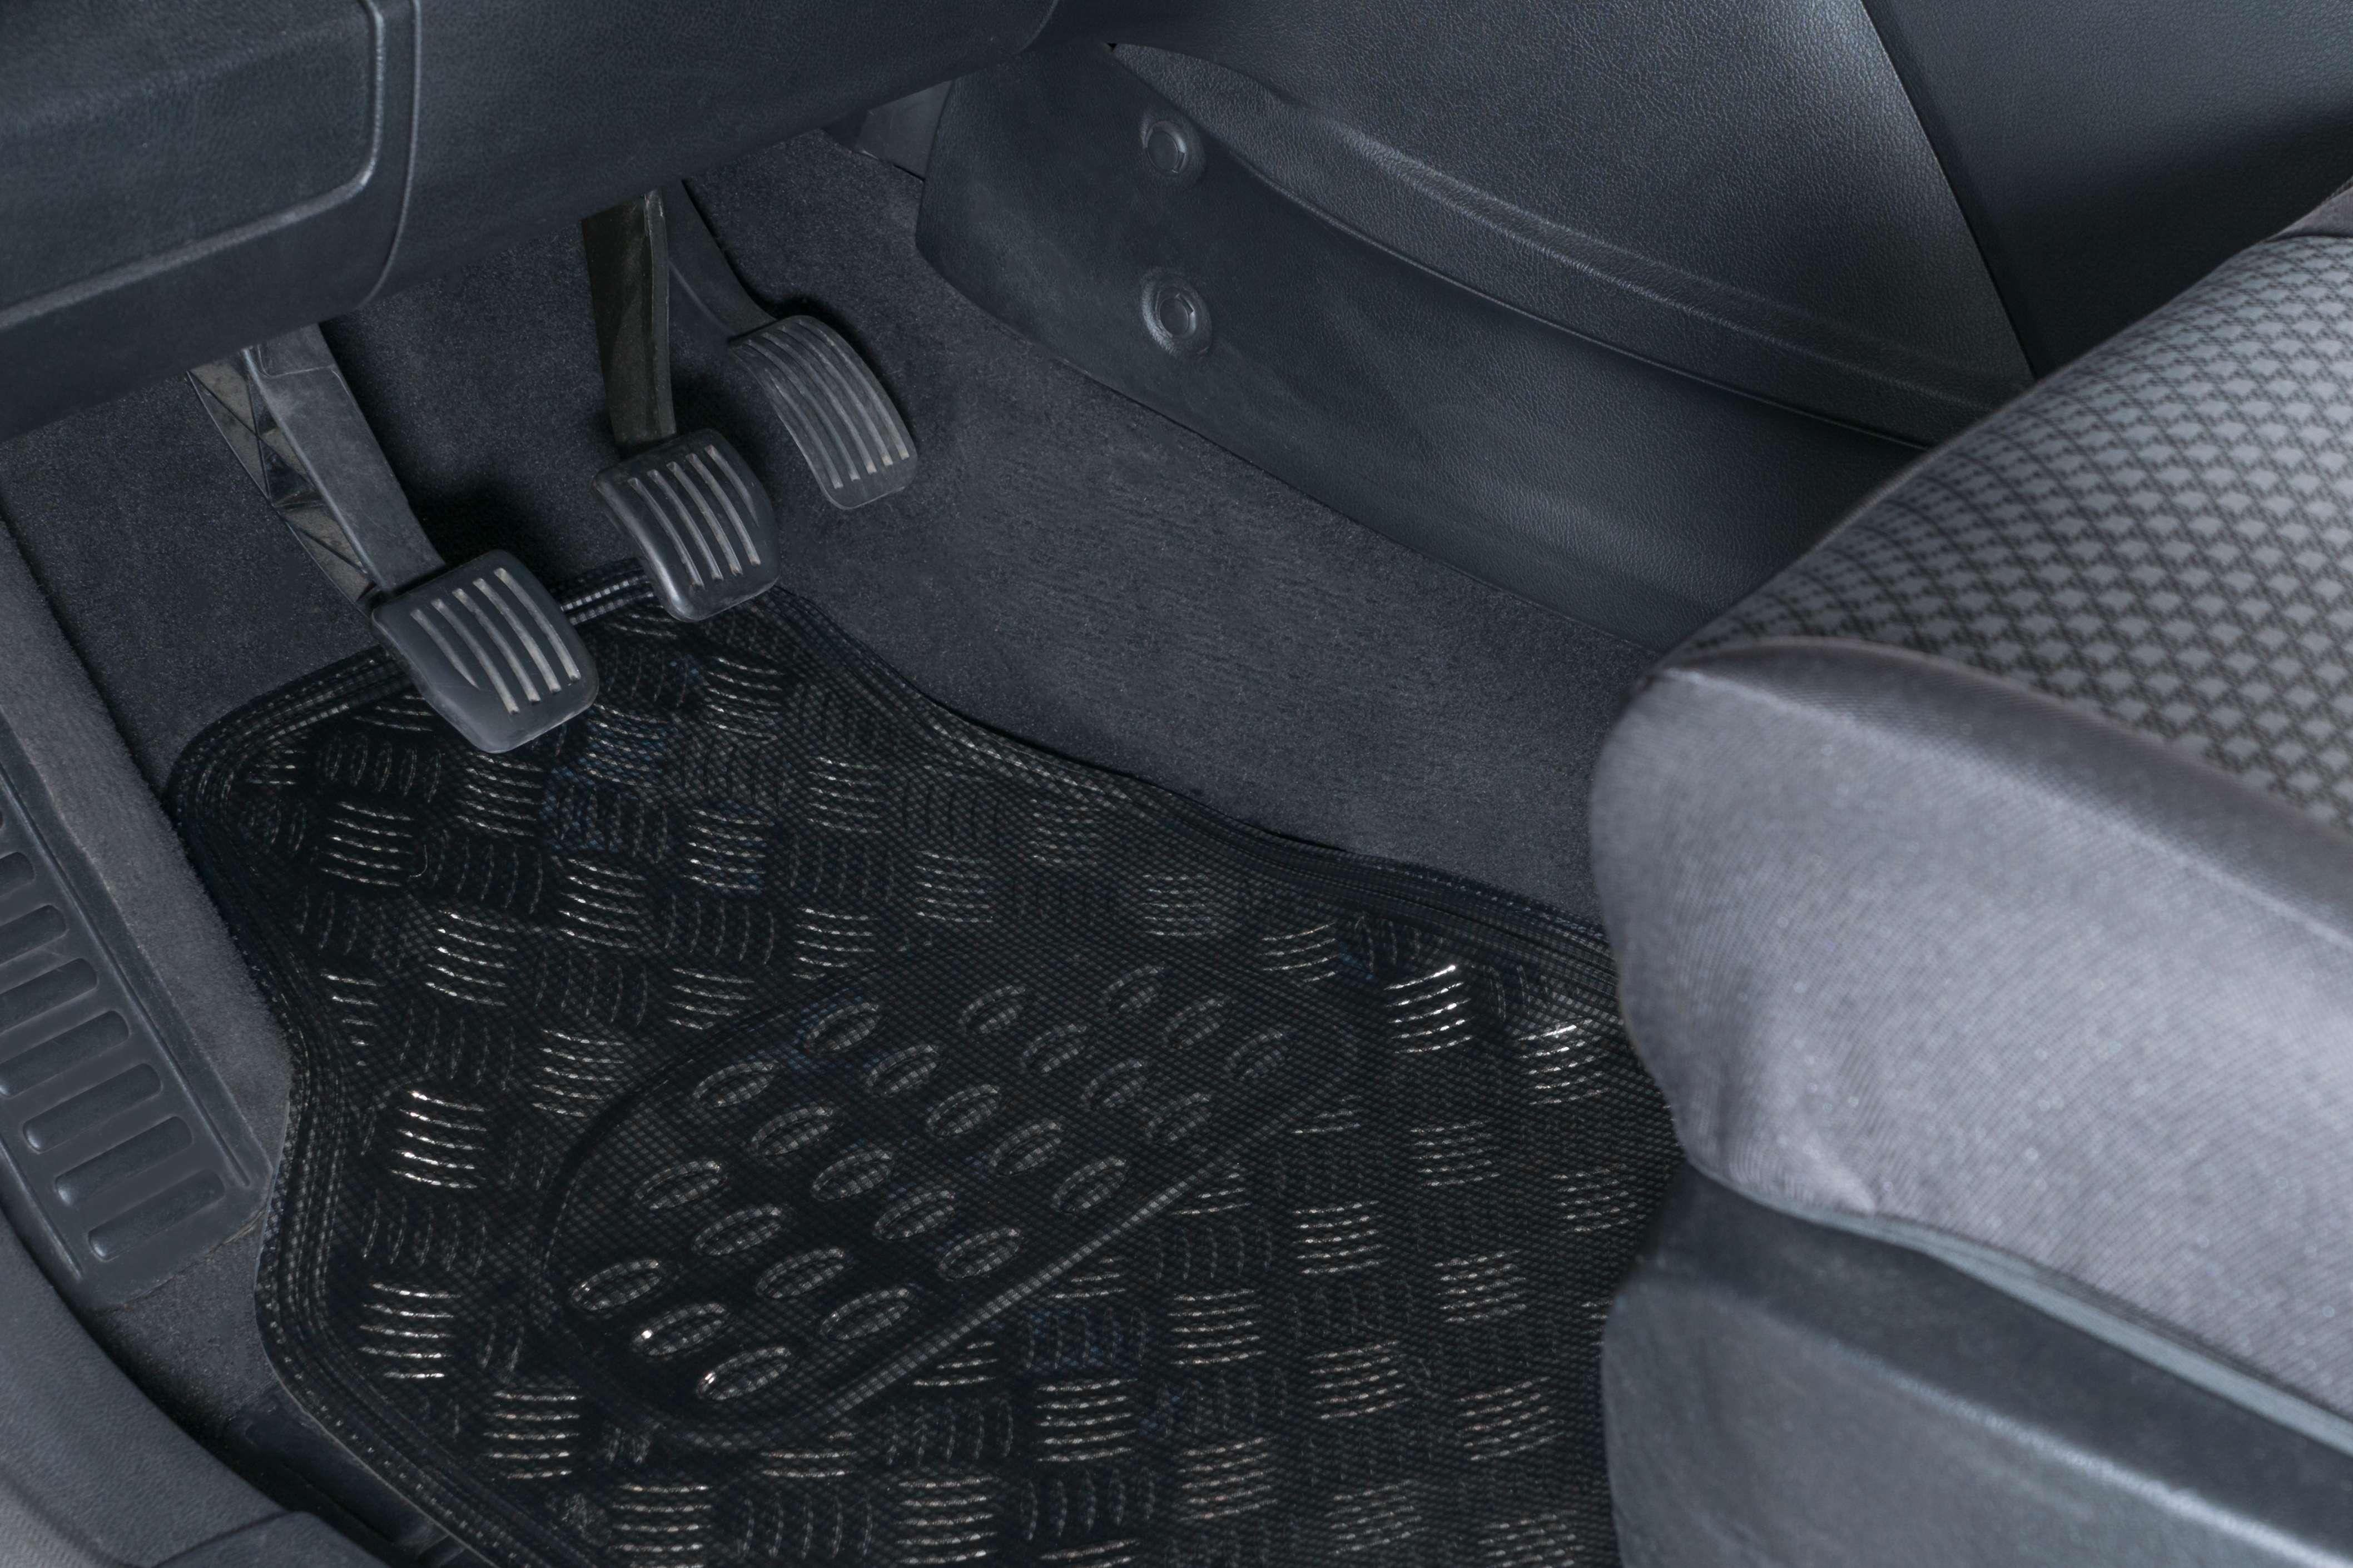 28031 Vloermatset WALSER - Voordelige producten van merken.